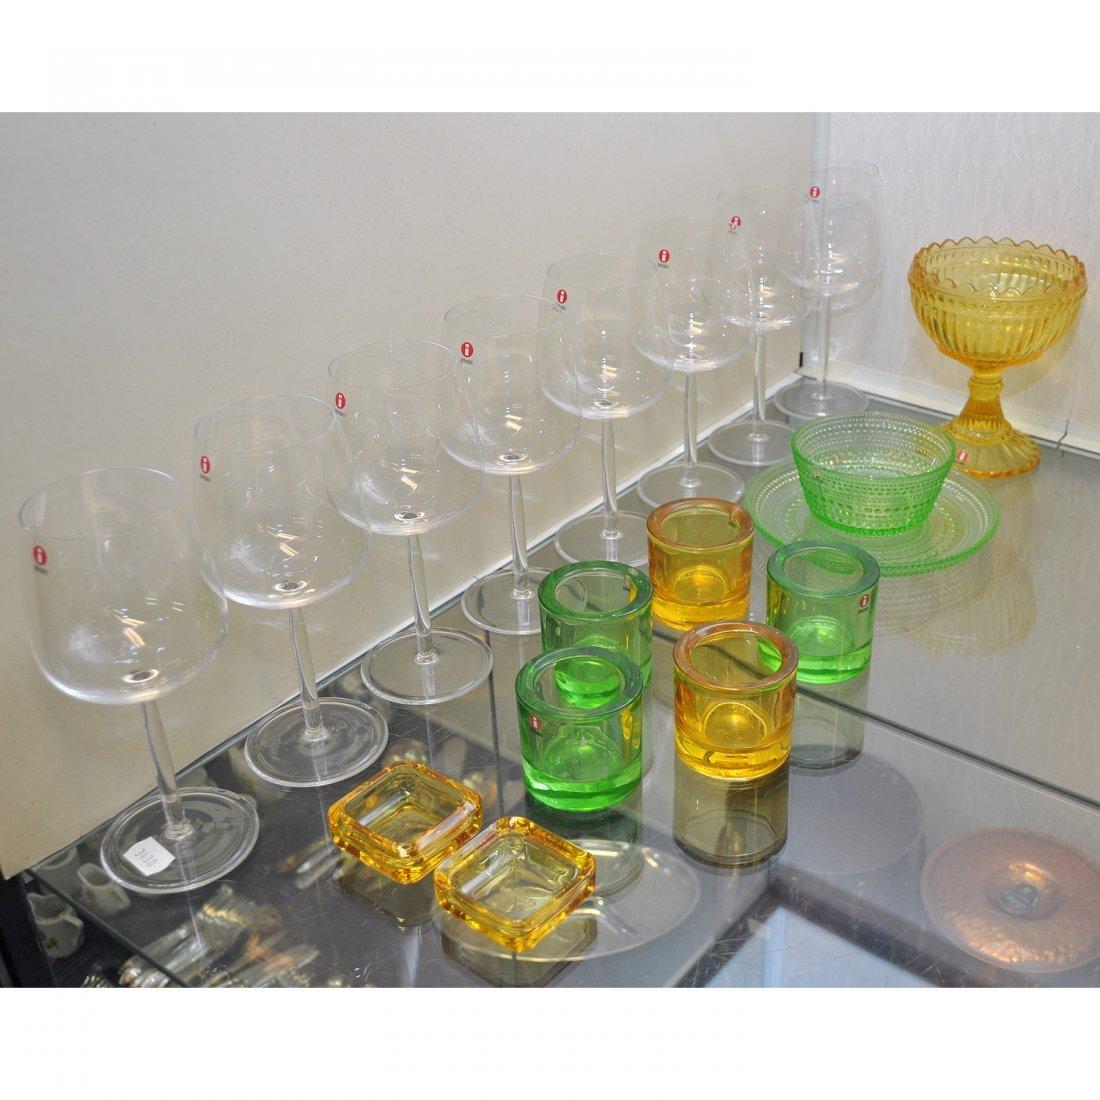 55: PARTI DIVERSE GLAS, 18 st, Iittala